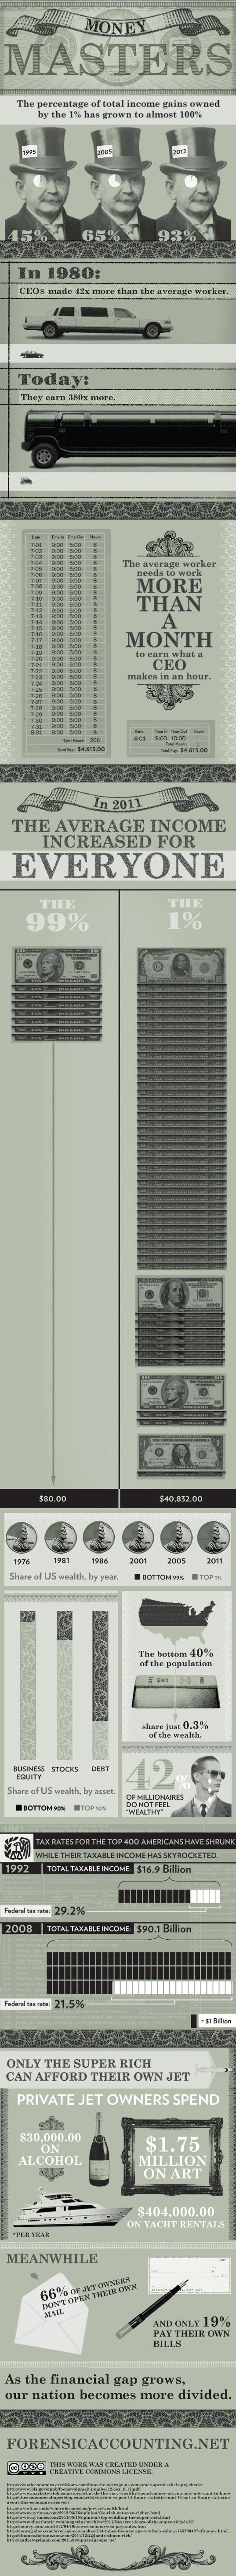 El porqué de la crisis: ricos cada vez más ricos y ambiciosos. Inequidad y   Money Masters | NationofChange